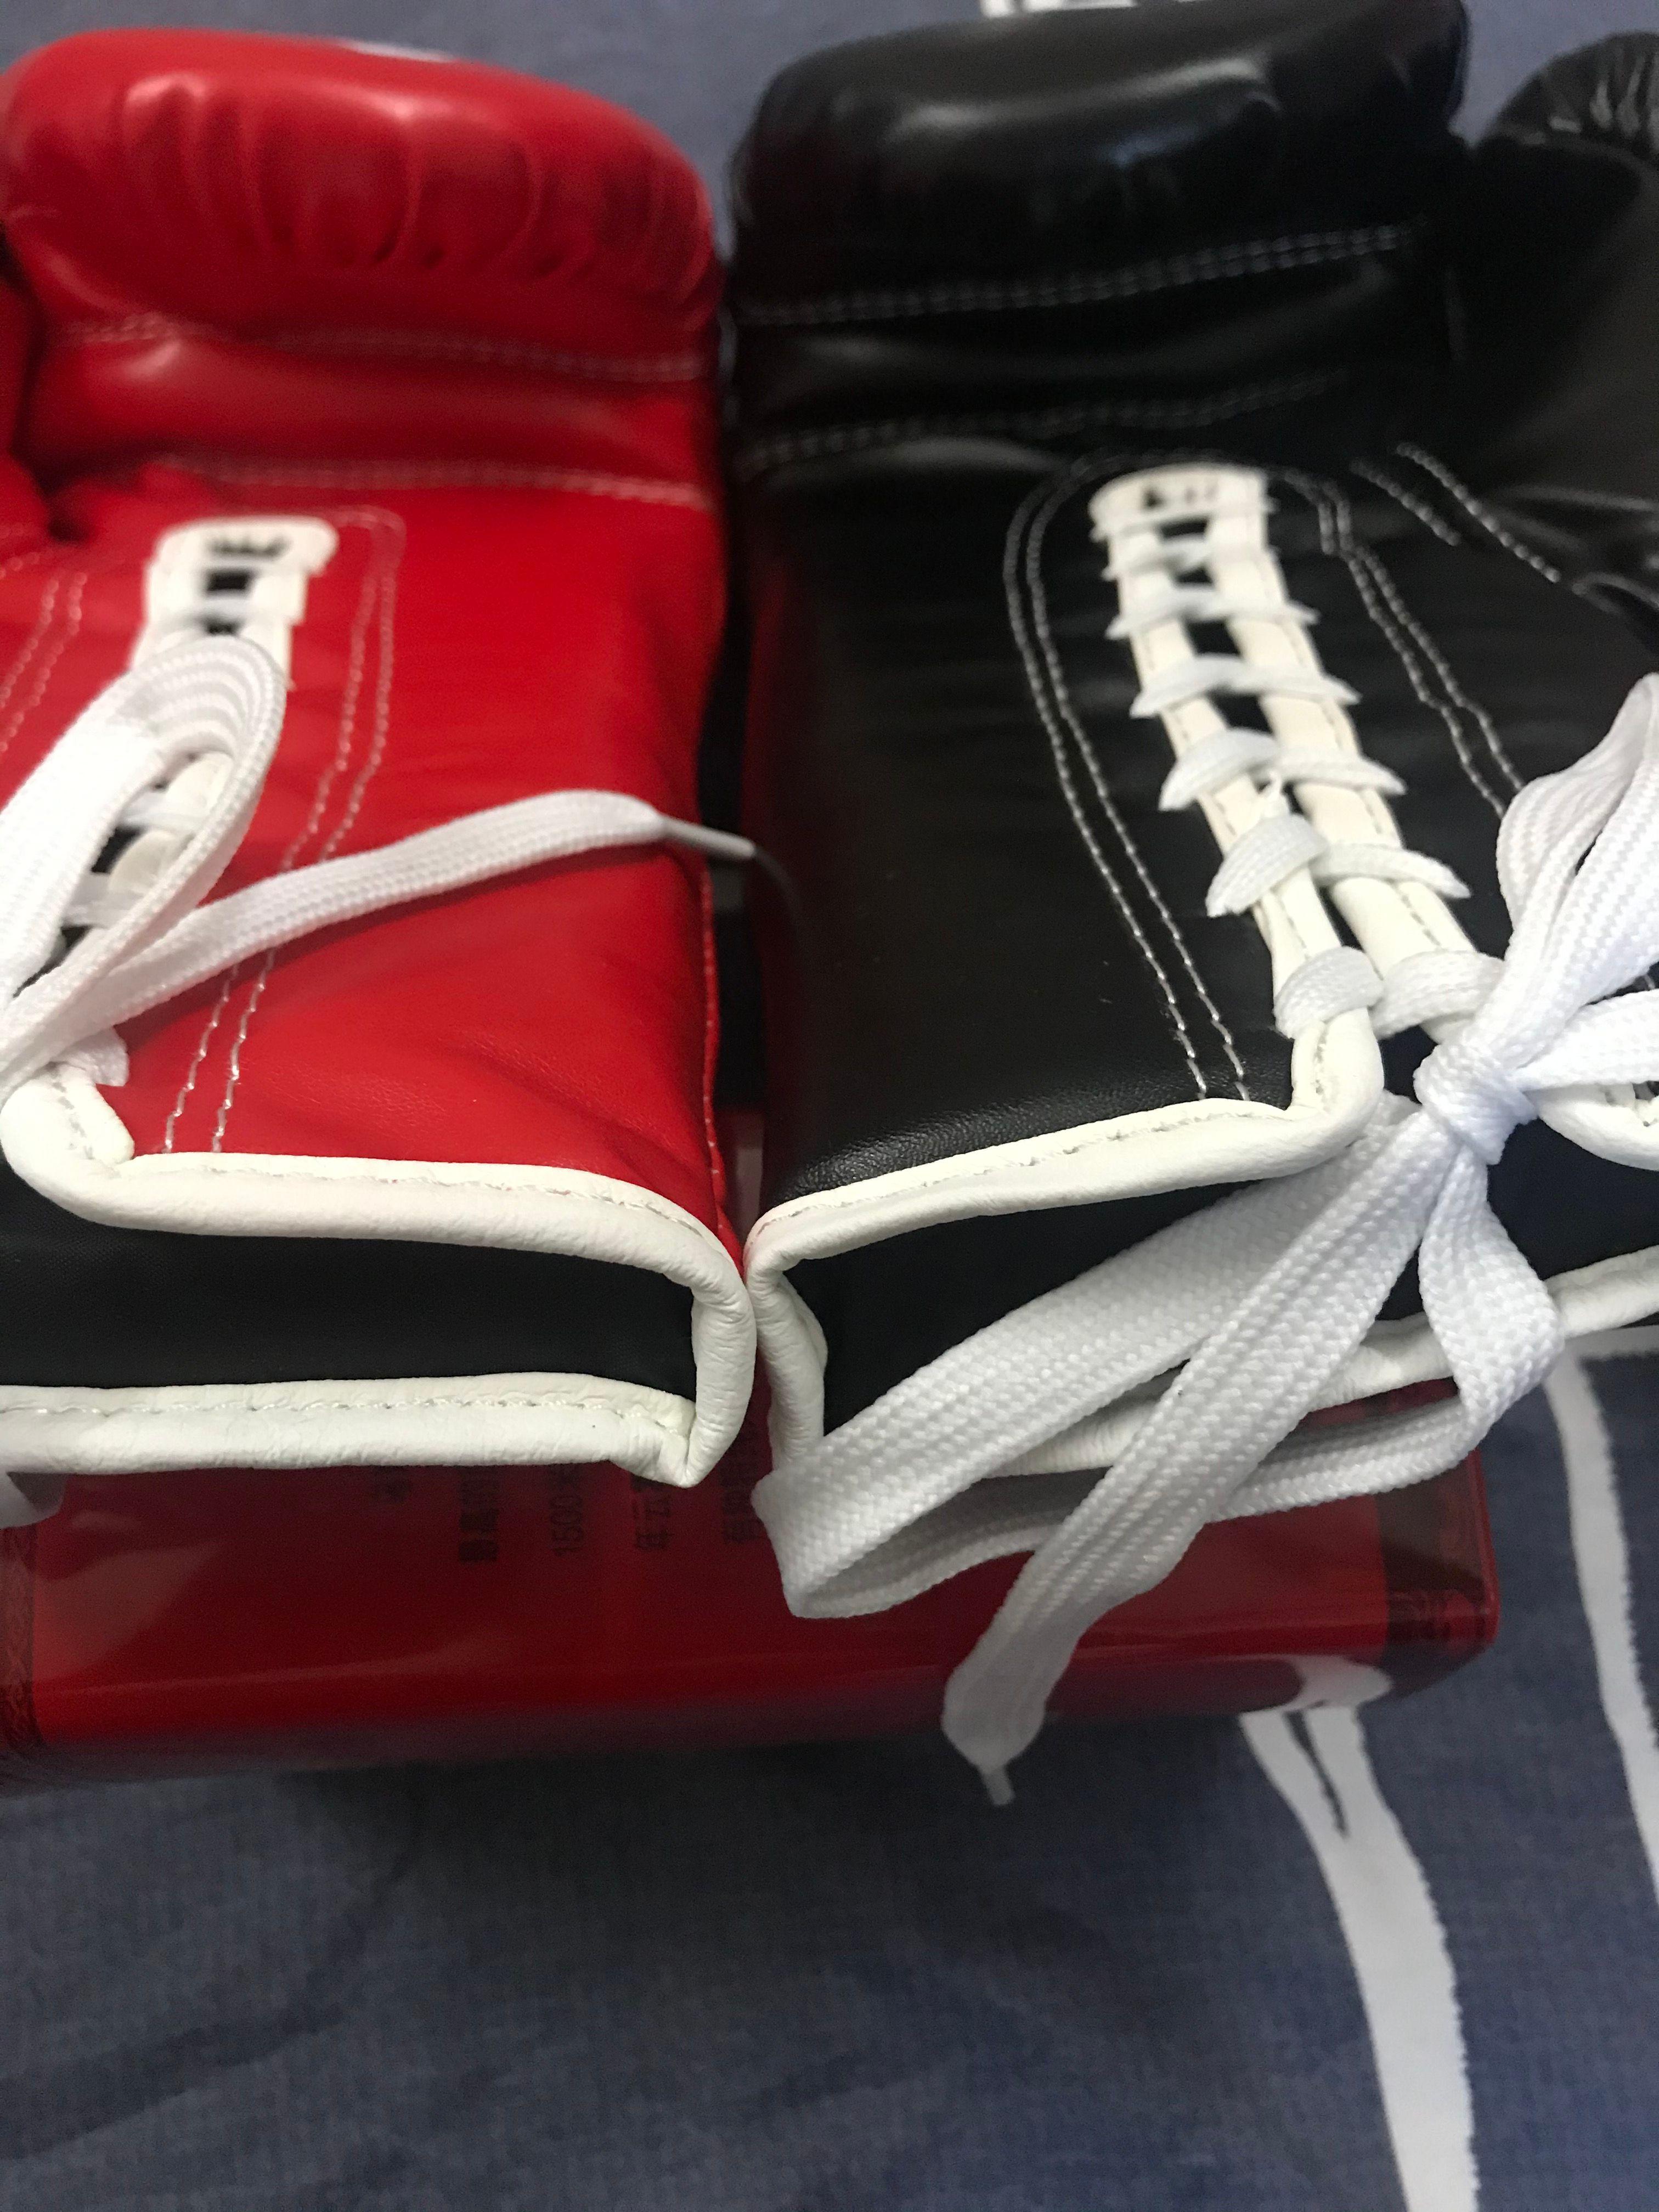 10-ob-14 унций черные и красные близнецы боксерские перчатки для бокса взрослых играют на мешки с песком Парри, что мужчины и женщины бороются тренировки Sanda Muay Thai